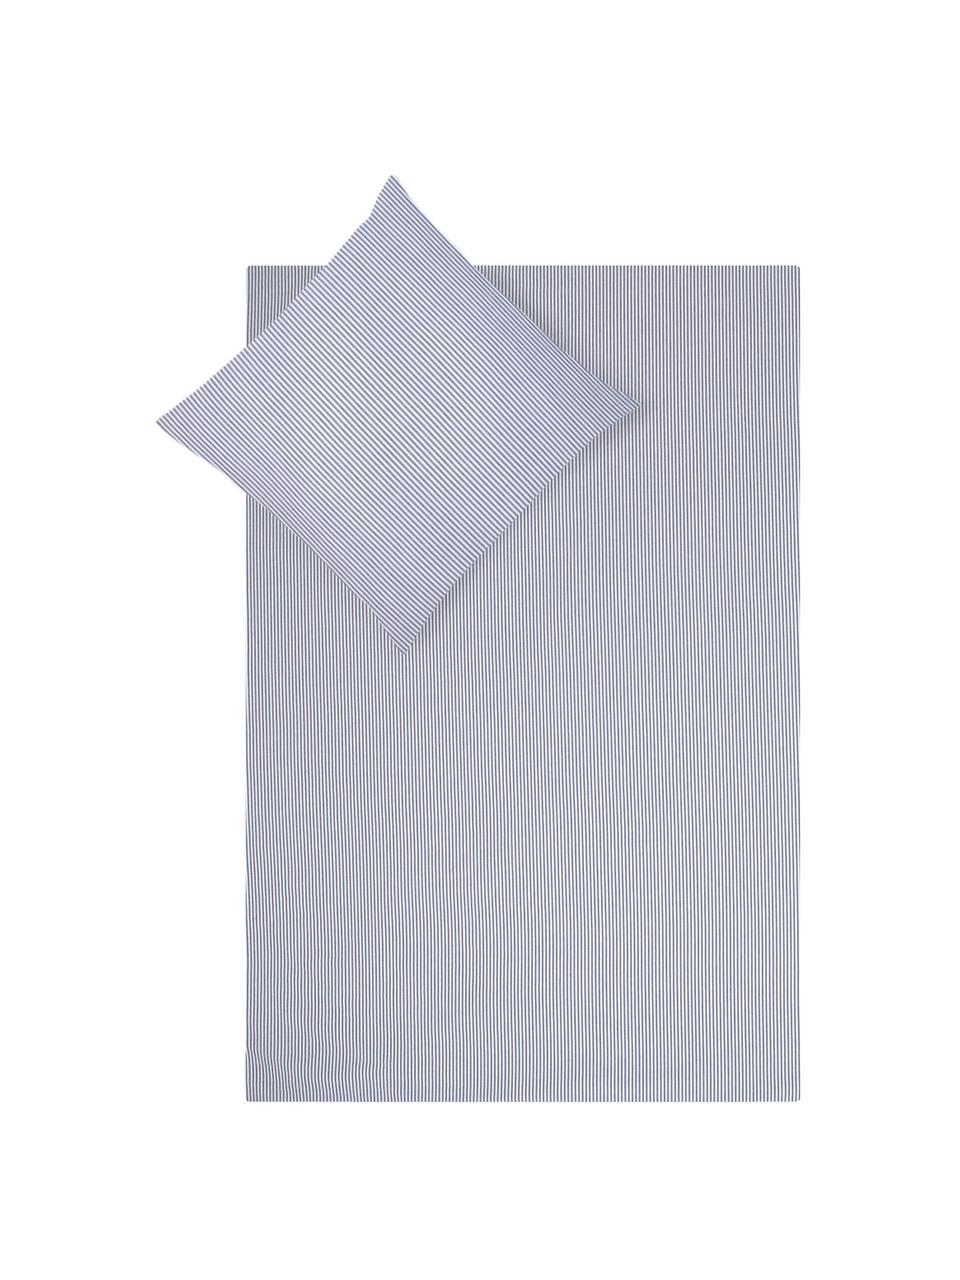 Baumwoll-Bettwäsche Ellie in Blau/Weiß, fein gestreift, Webart: Renforcé Fadendichte 118 , Weiß, Dunkelblau, 135 x 200 cm + 1 Kissen 80 x 80 cm